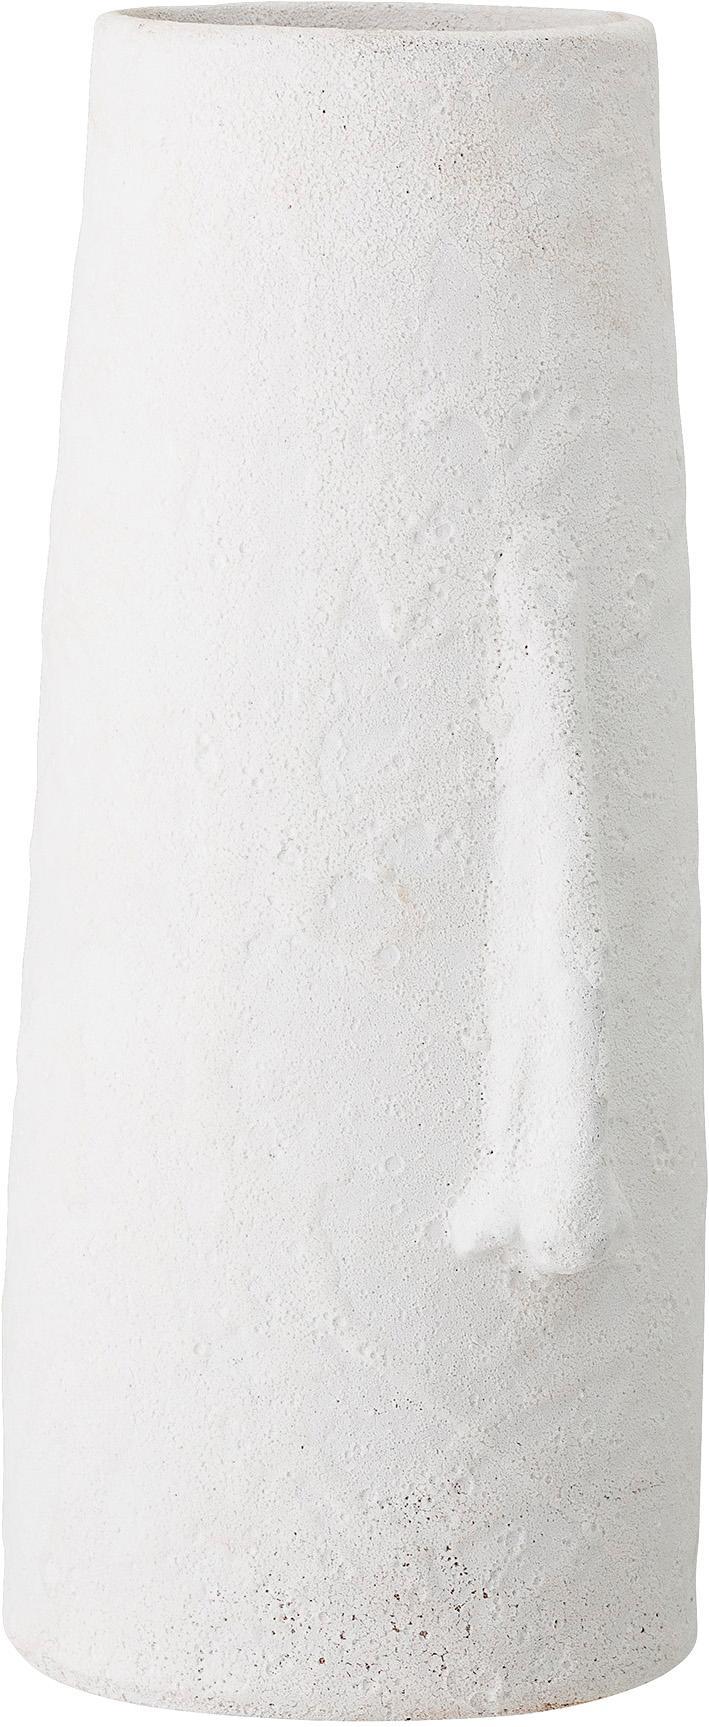 Grote decoratieve vaas Nose van terracotta, Terracotta, Wit, 20 x 40 cm